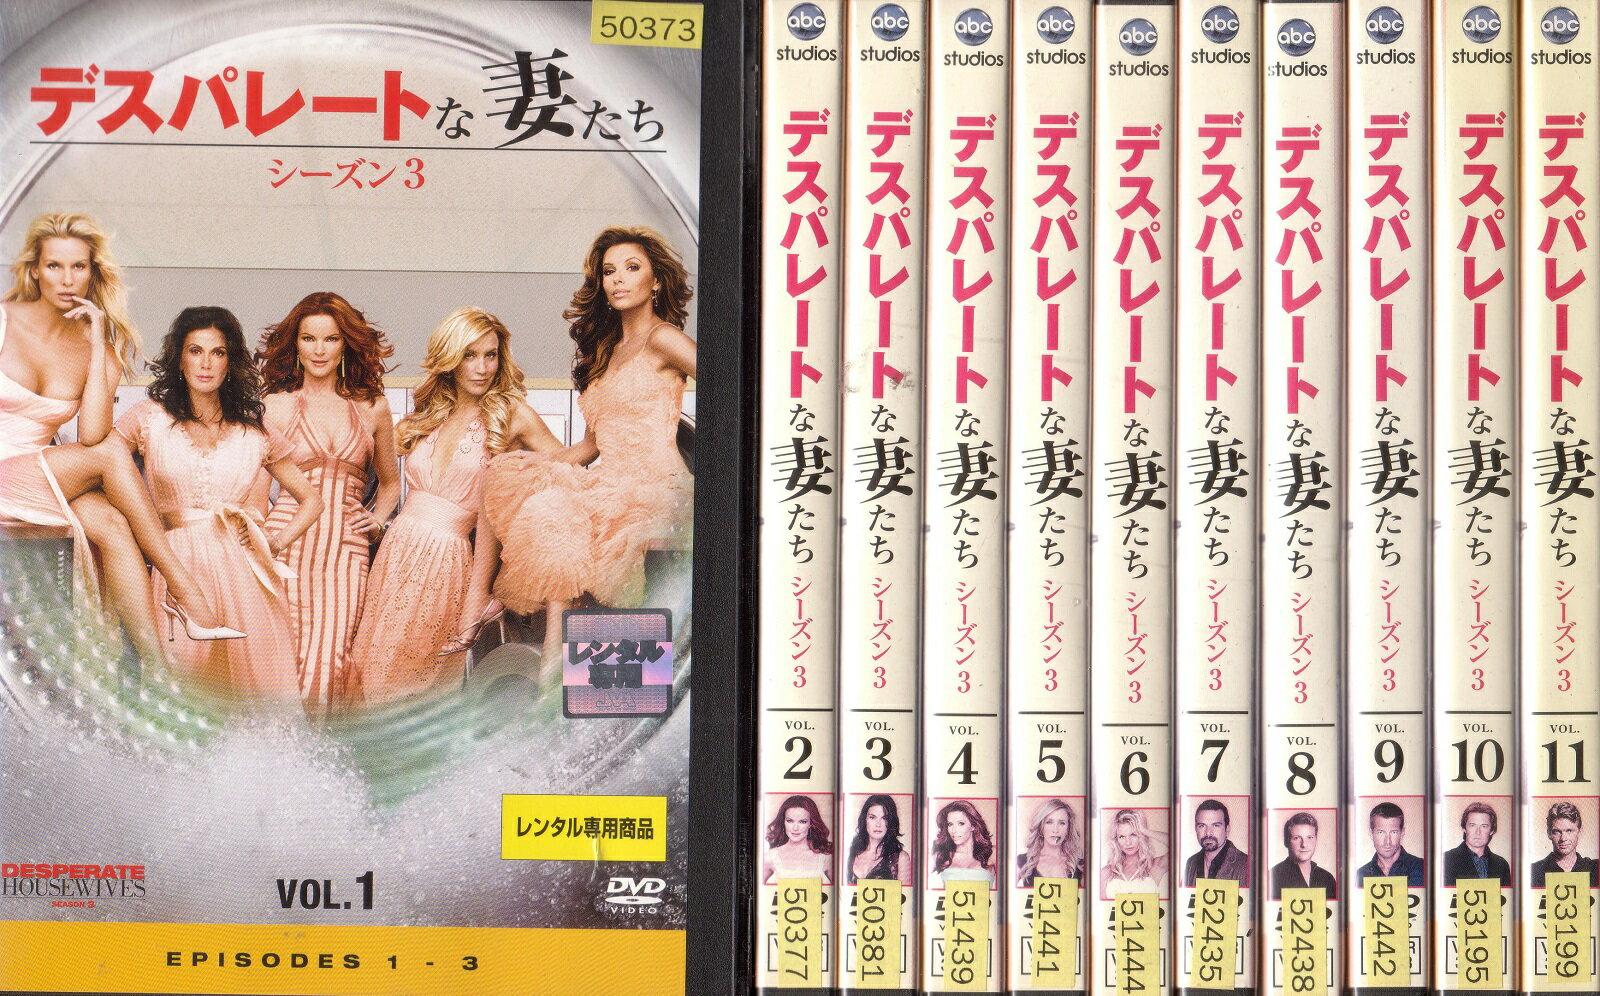 【送料無料】rw1766レンタルアップ 中古DVDデスパレートな妻たちシーズン311巻セット日本語吹替あり